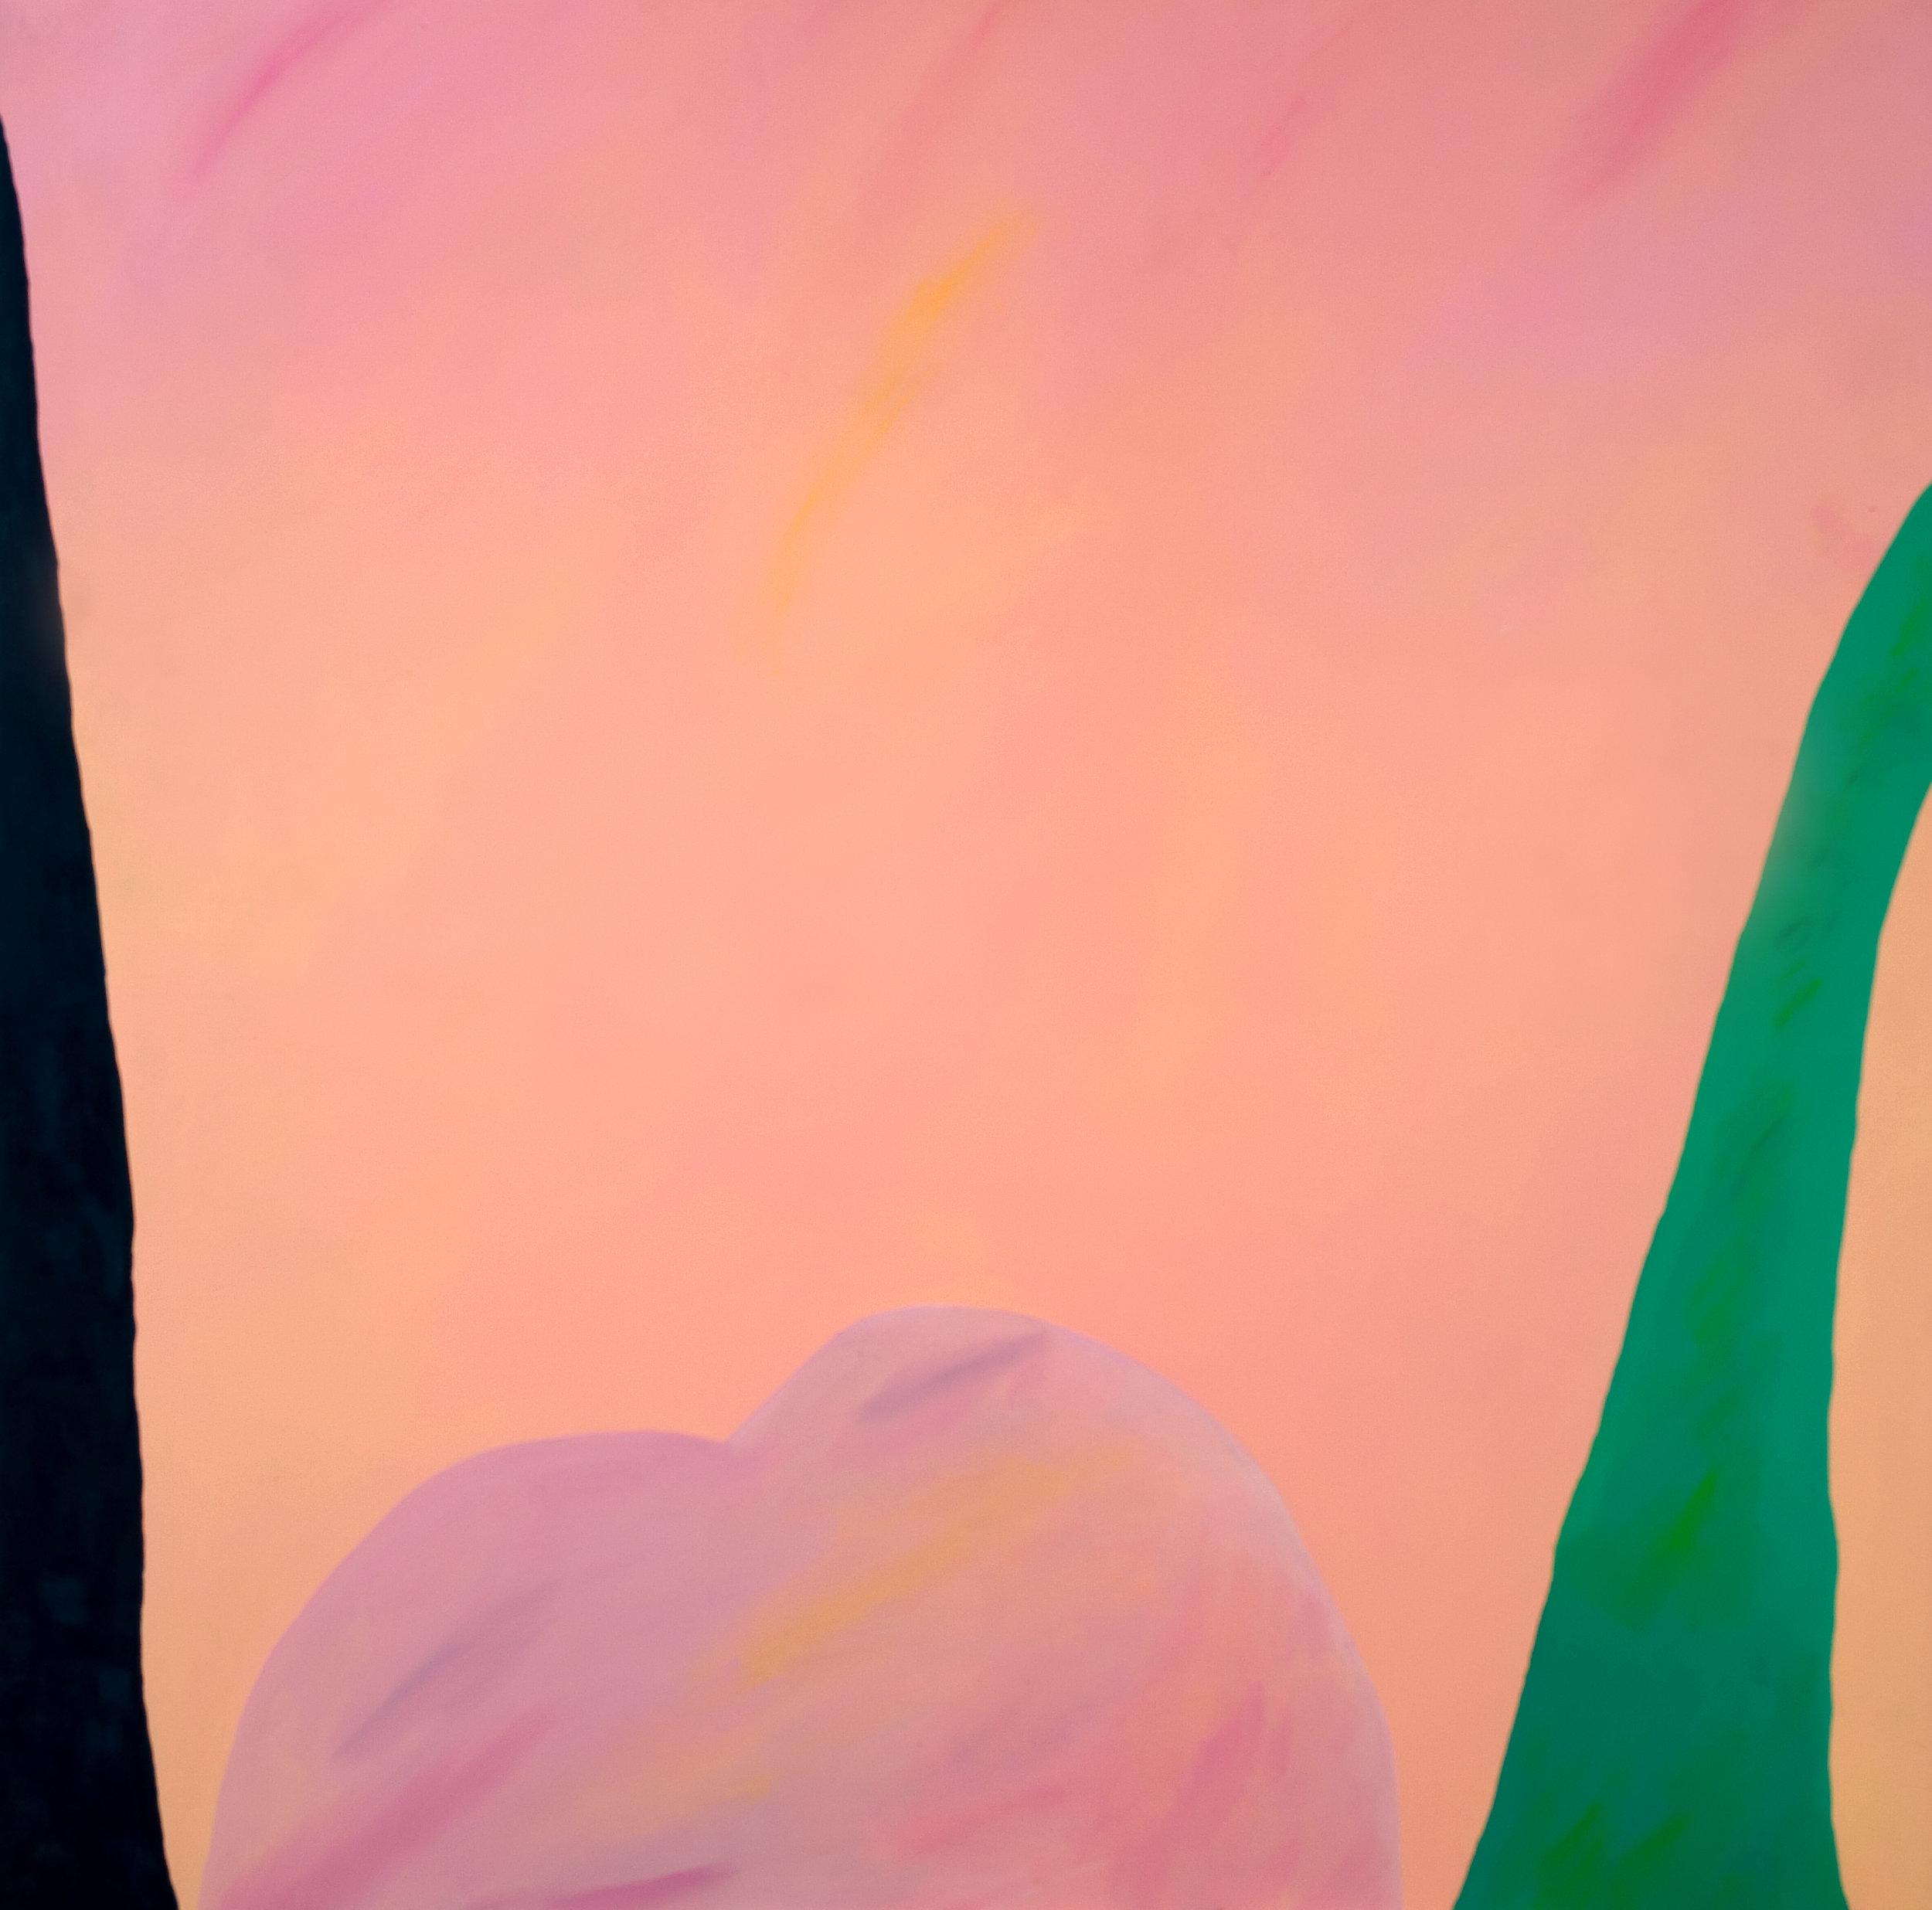 Paisagens imaginárias I | Era no verão | 1982 | liquitex sobre tela| 120 x 120 cm